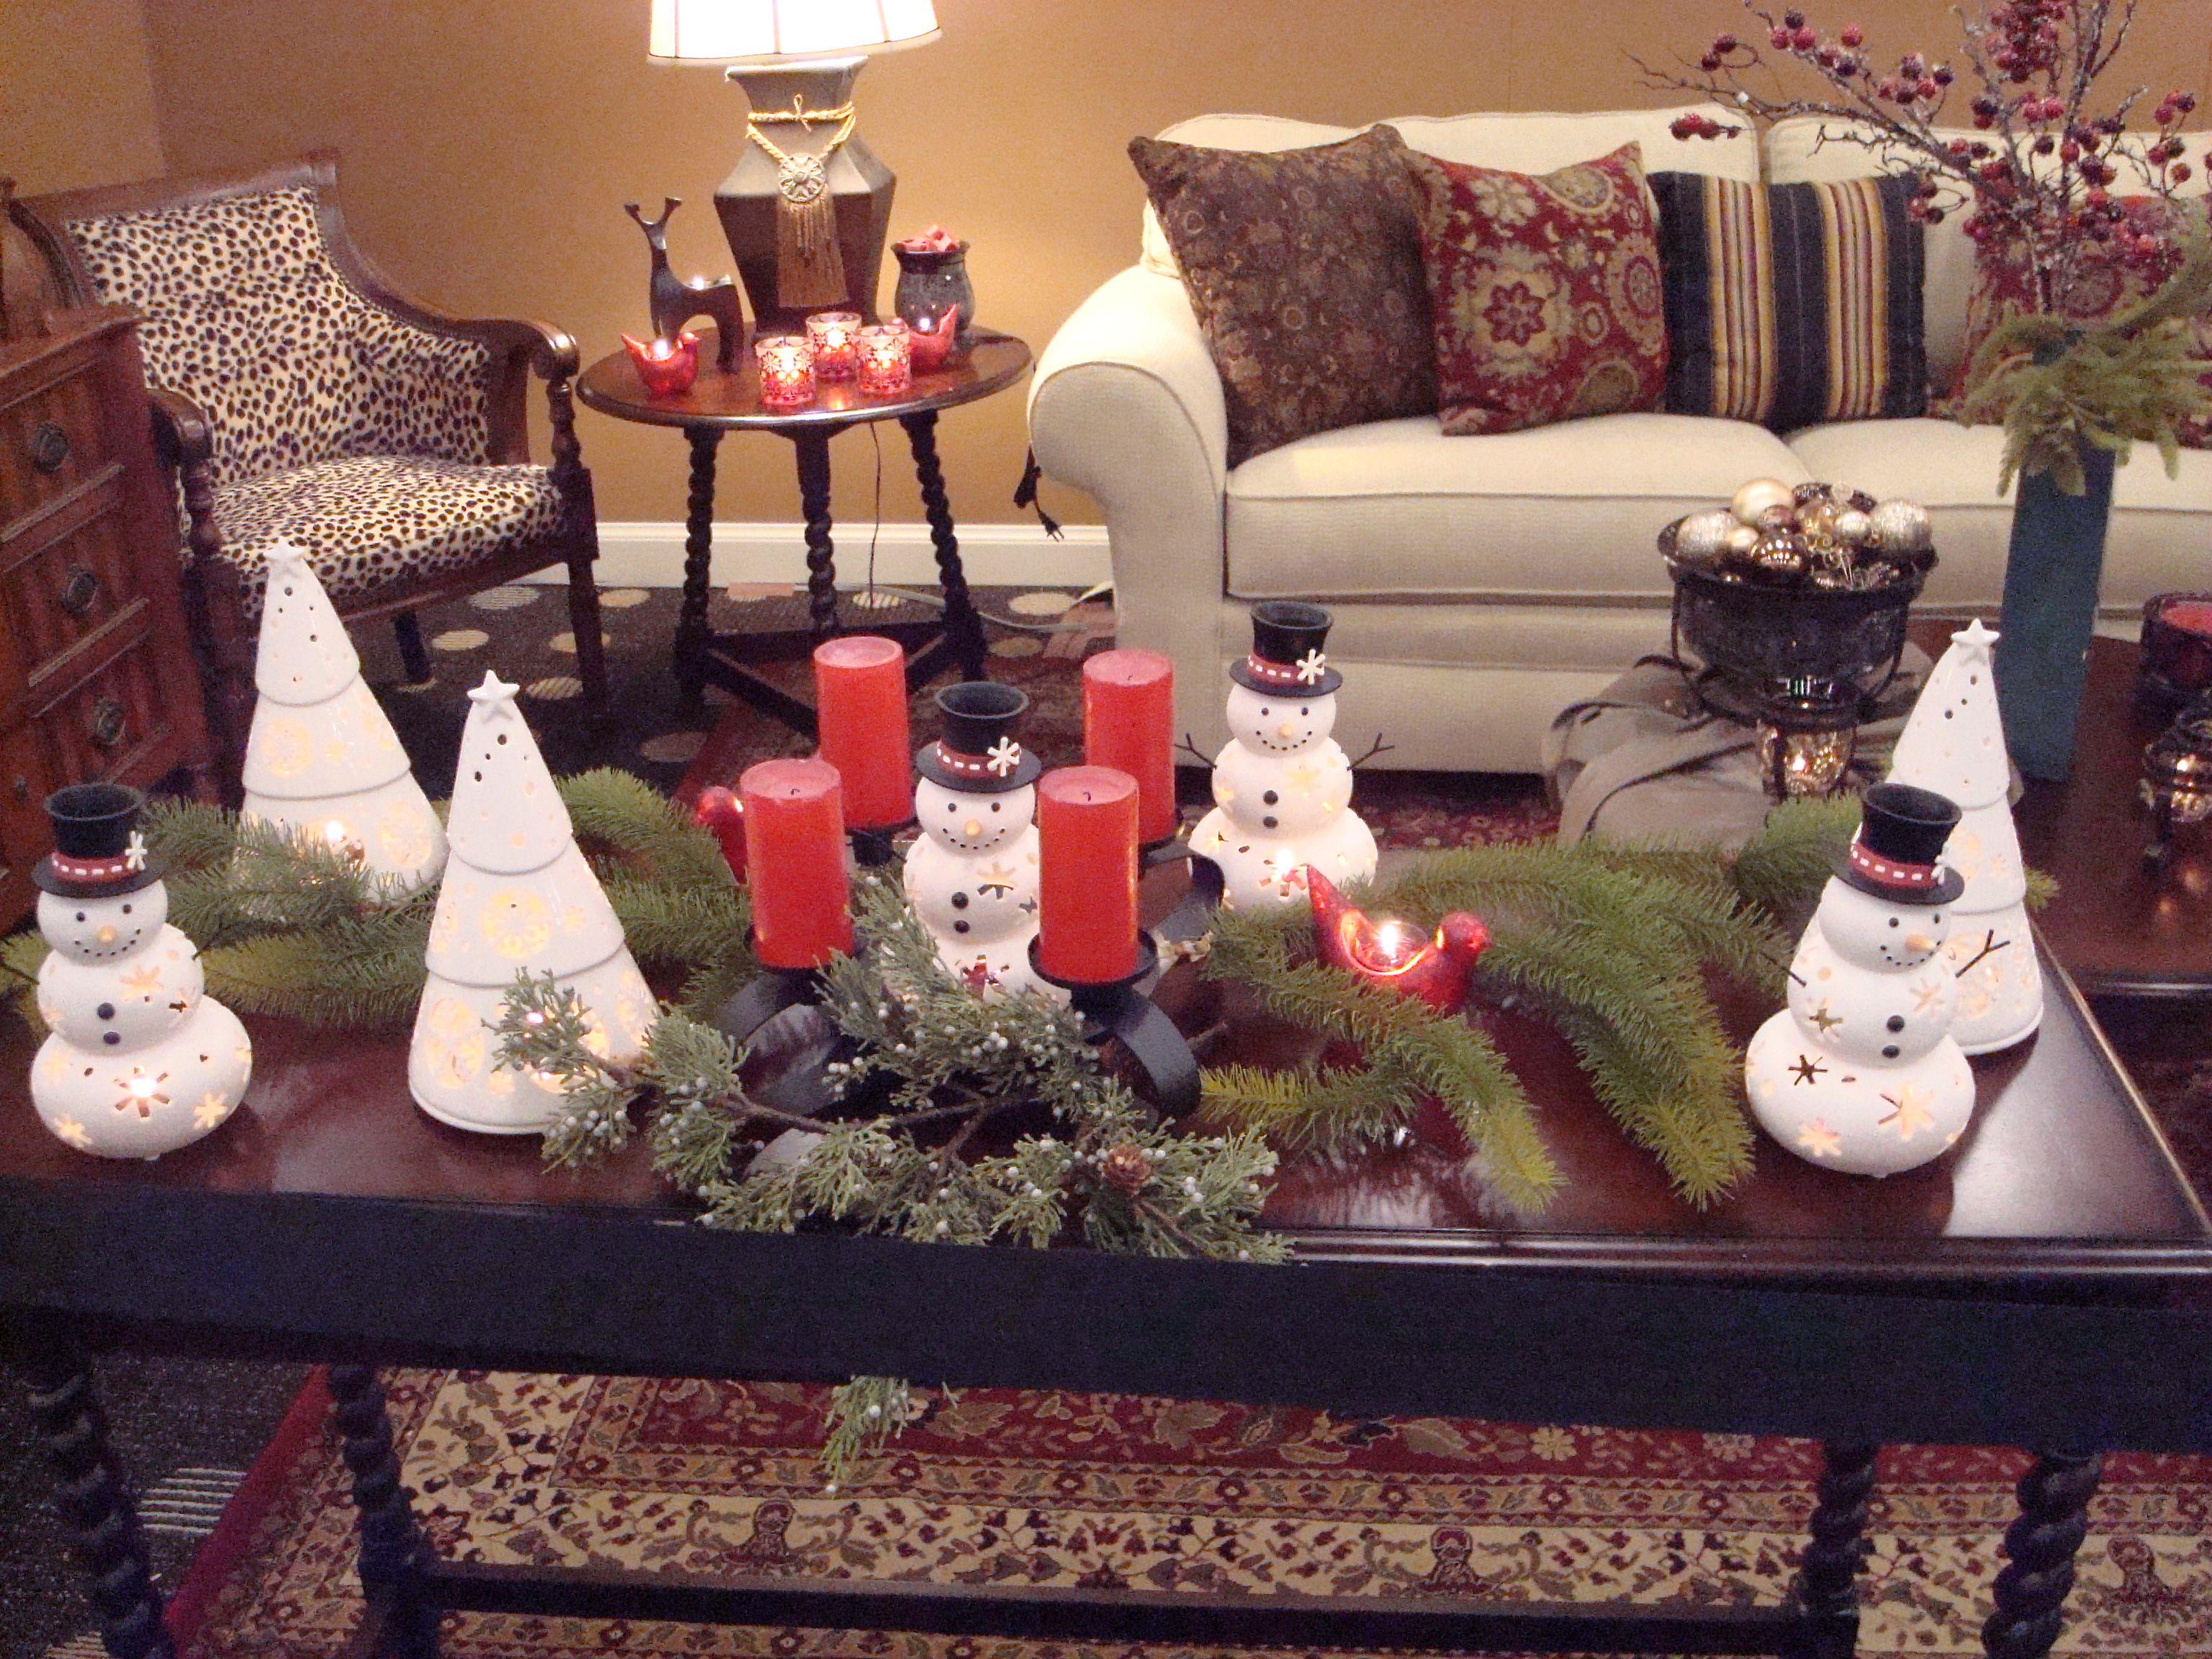 Holiday Coffee Table Decor | Christmas coffee table decor ...